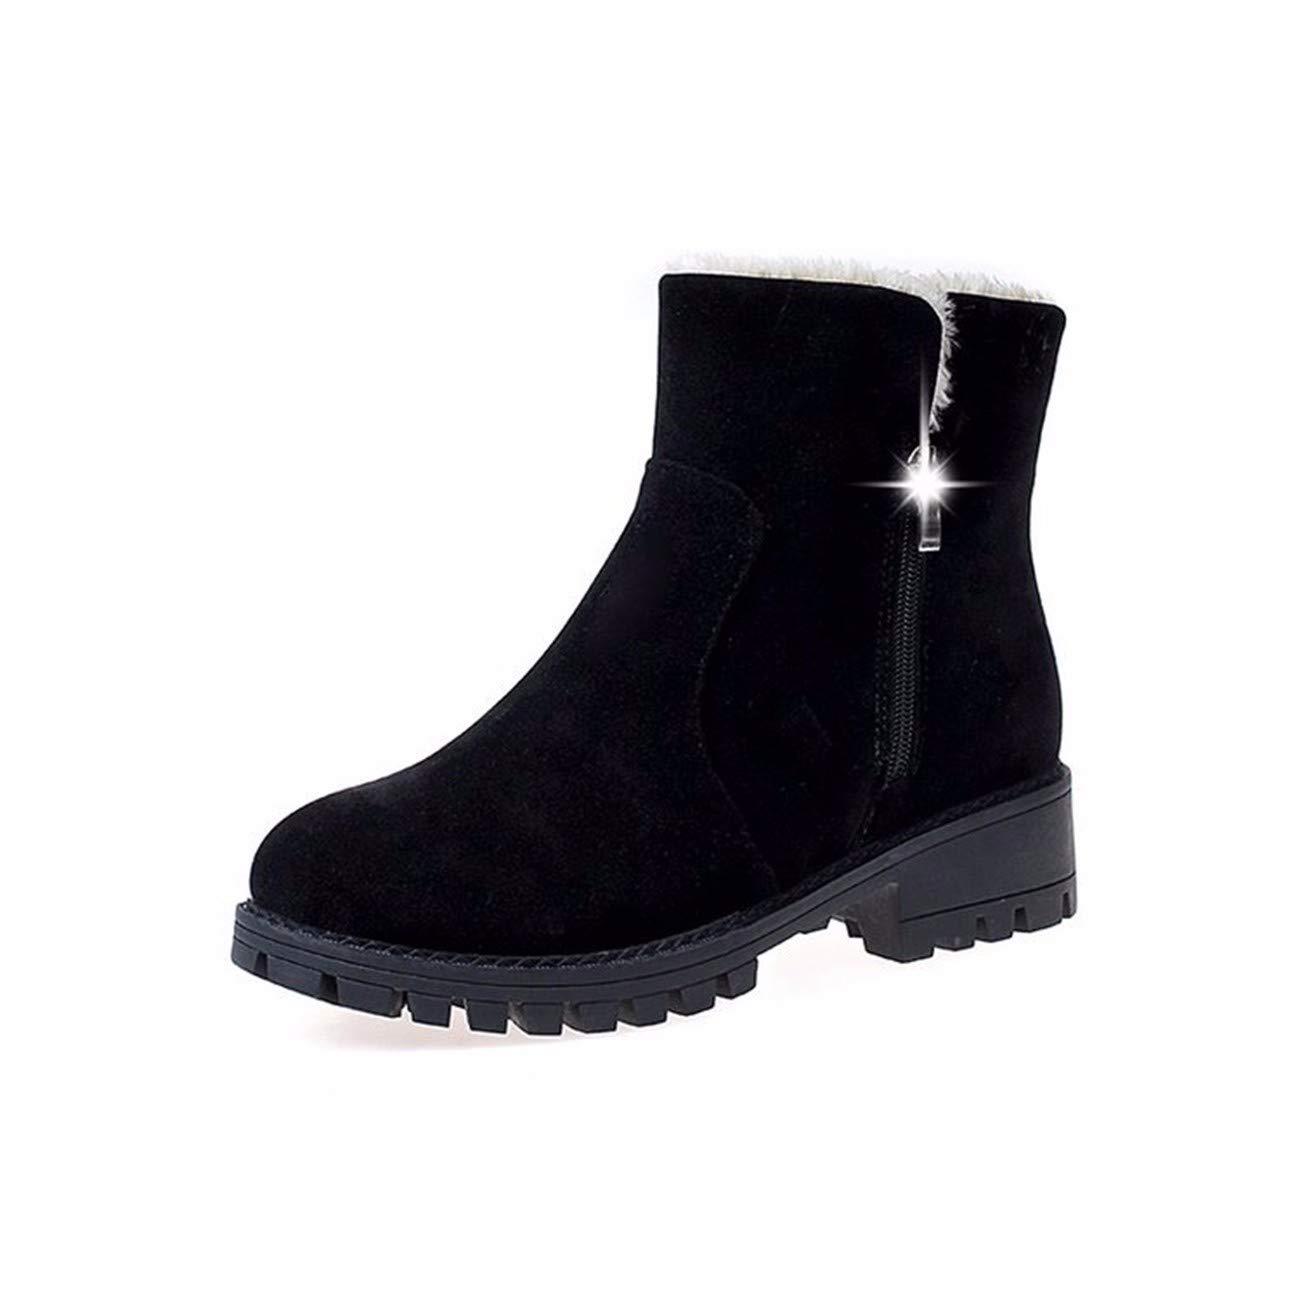 Martin Stiefel Koreanischen Version Kurz Stapelt Zwei Tragen Antiskid Damenschuhe Warm Im Winter Baumwolle Stiefel.